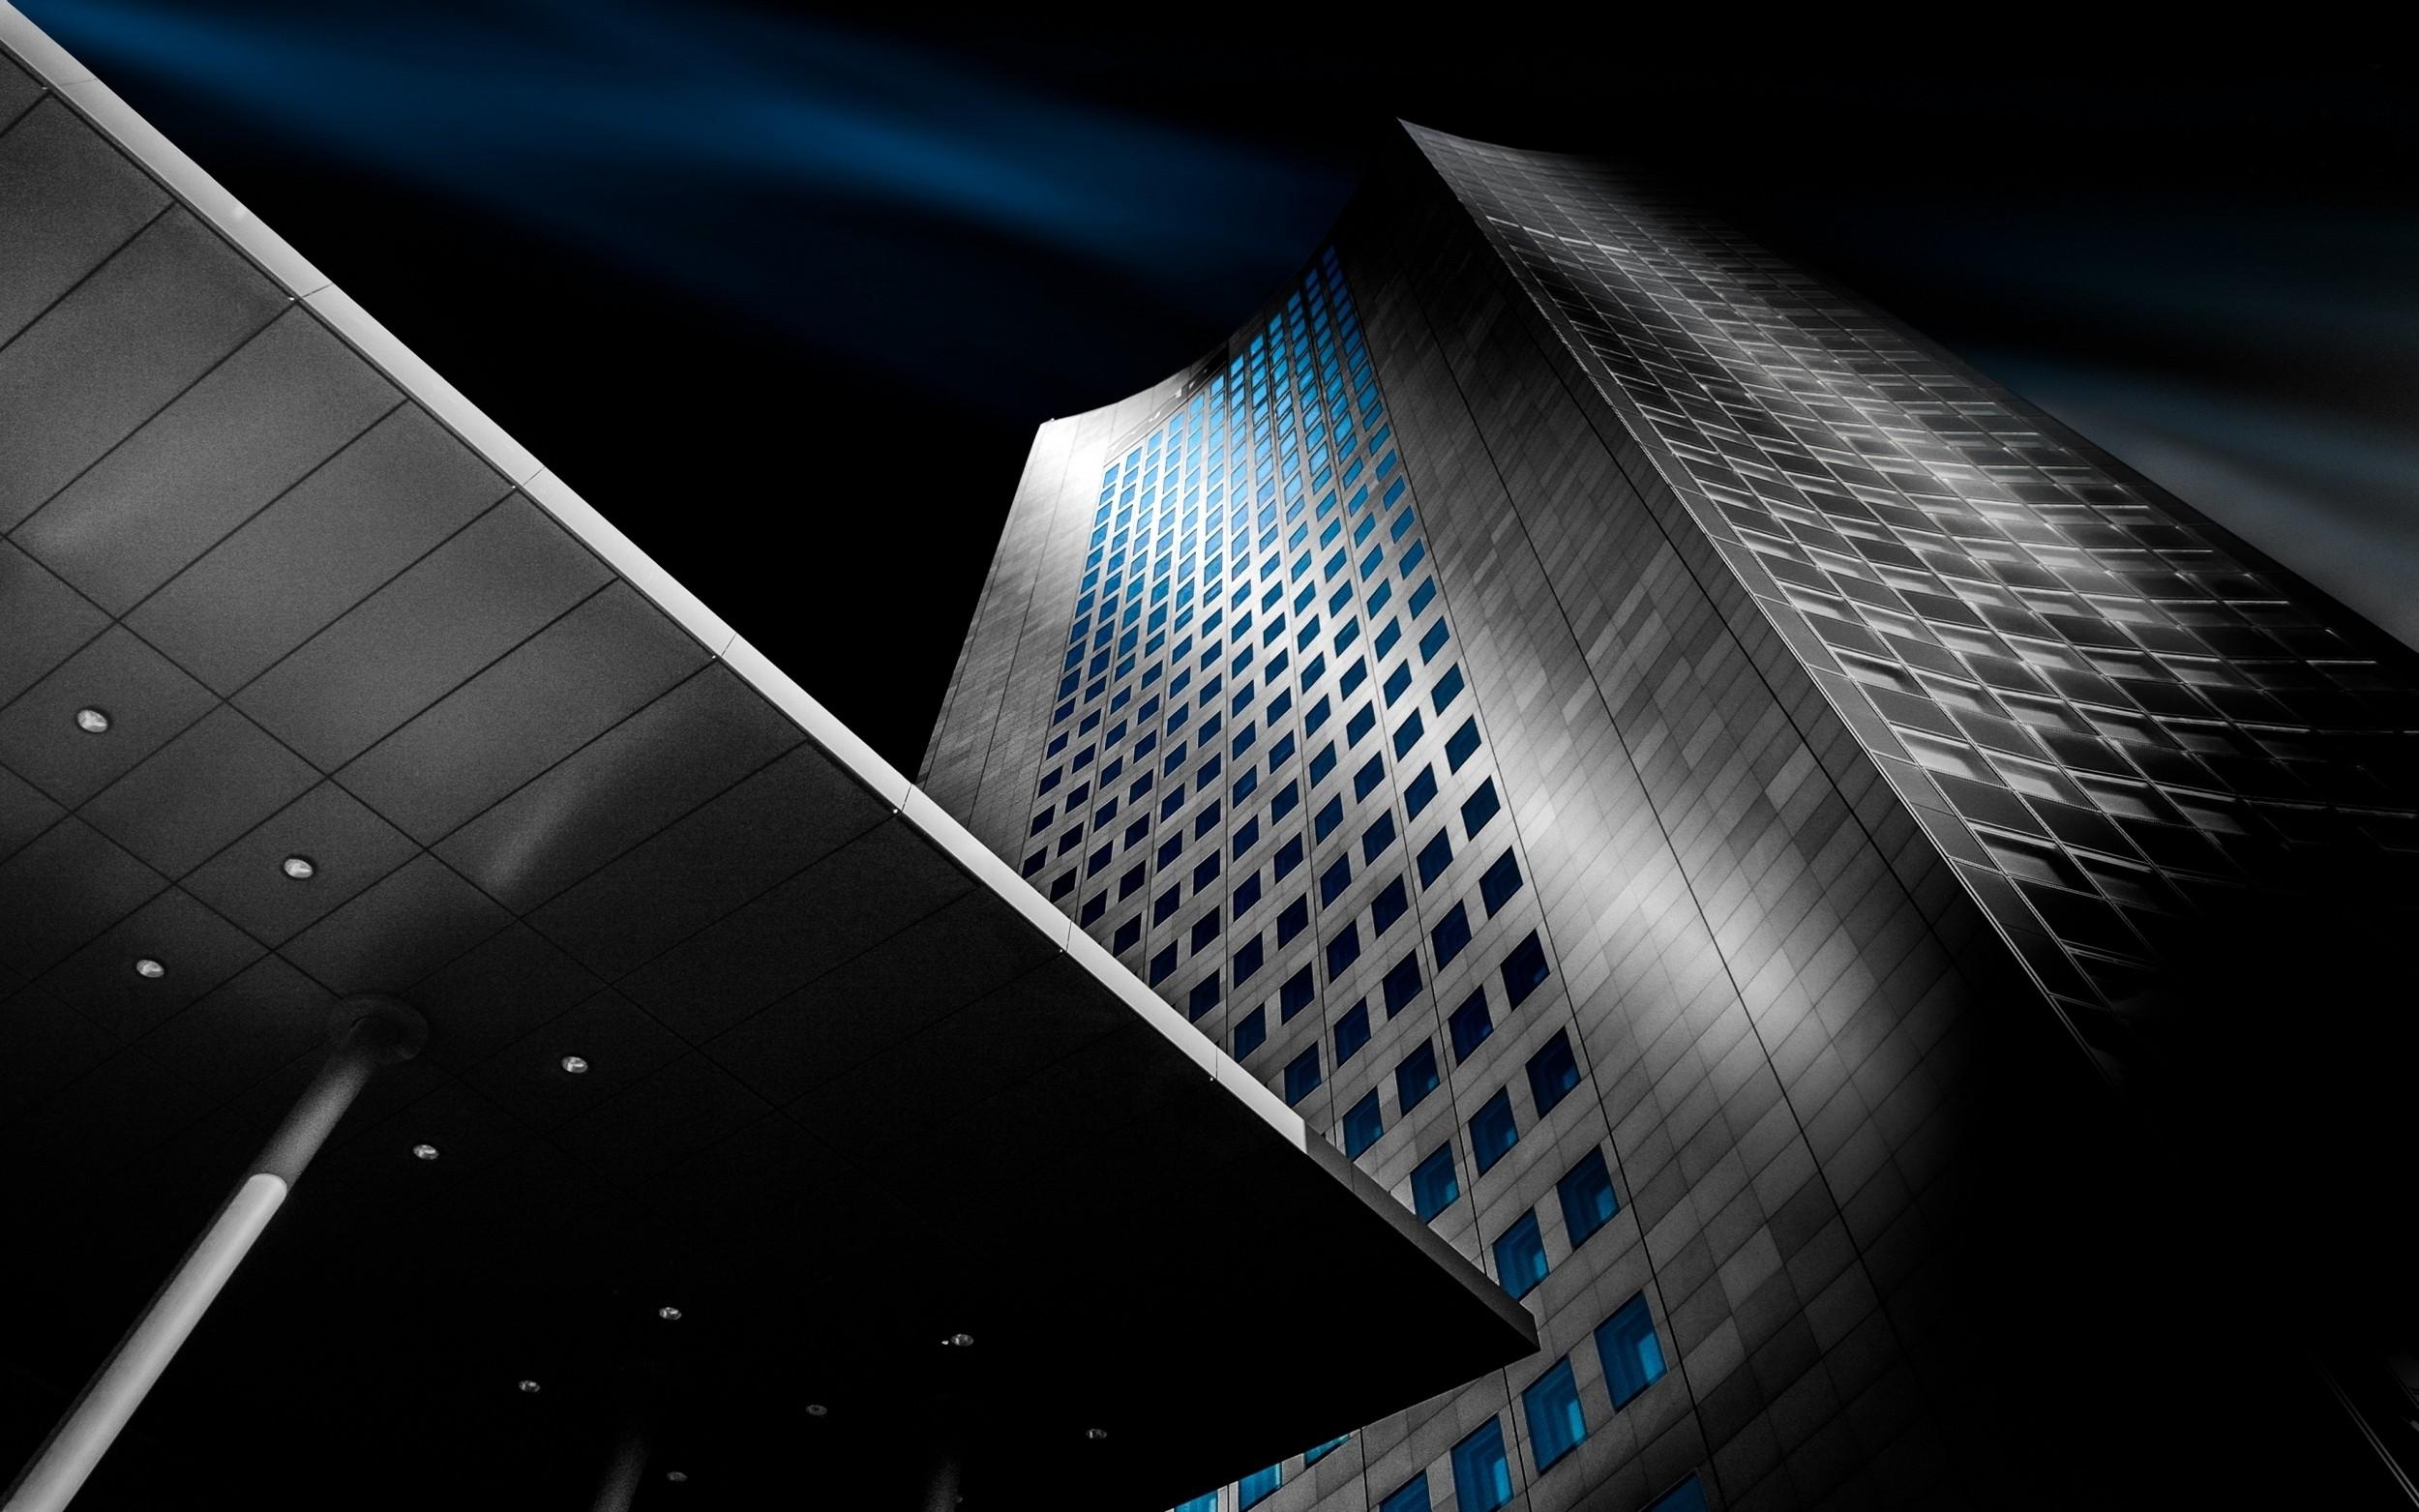 Stehlen Modern hintergrundbilder landschaft beleuchtung weiß schwarz